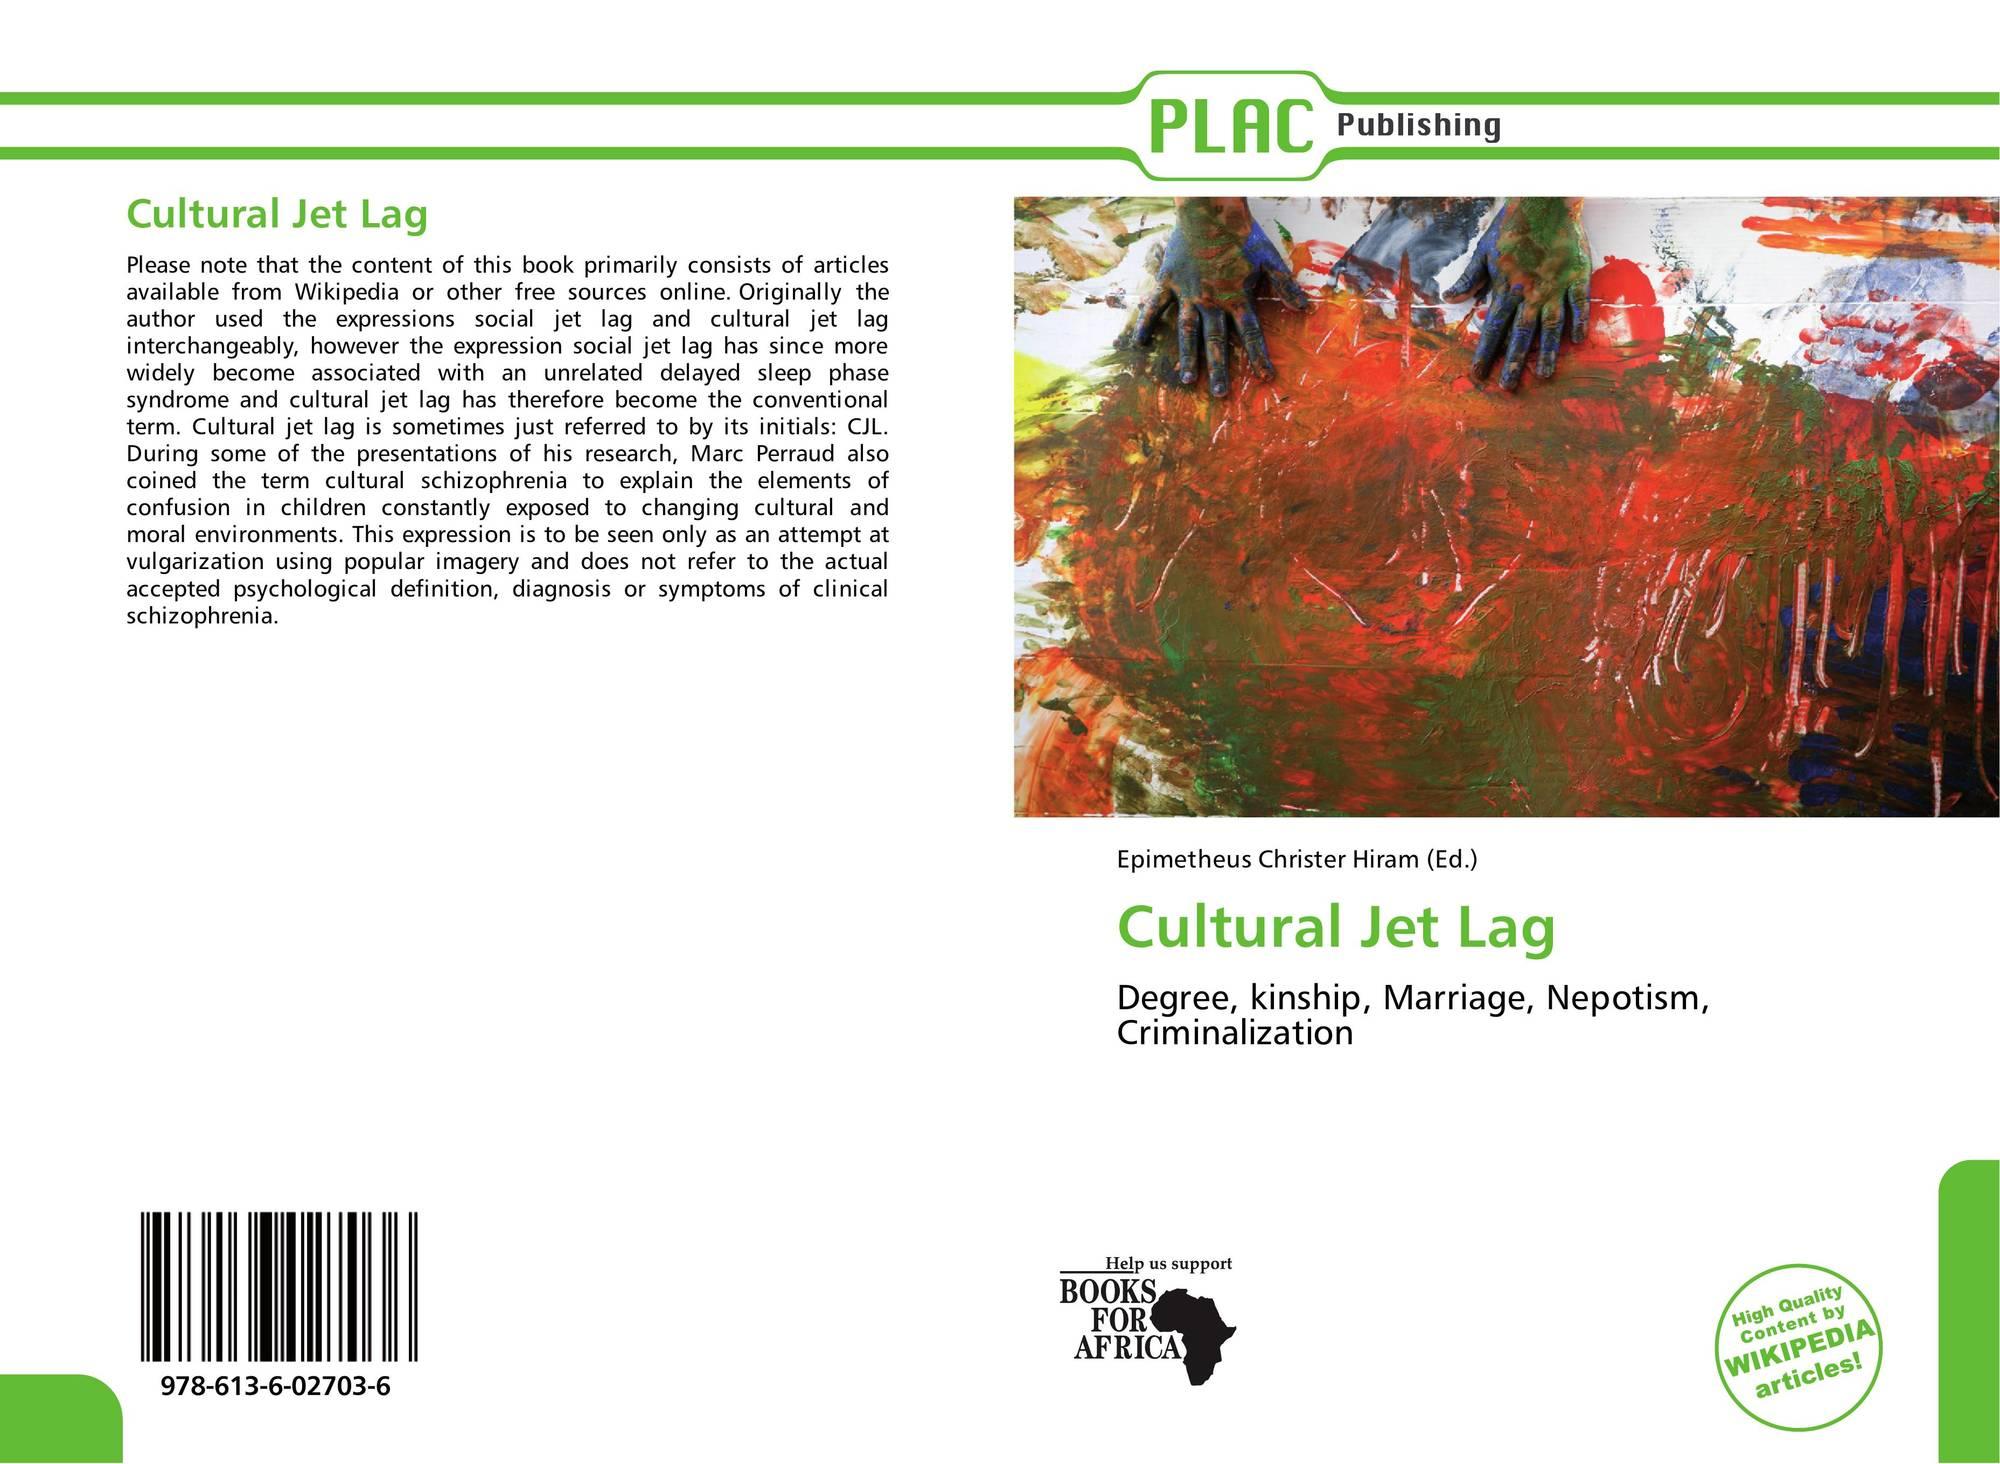 Cultural Jet Lag, 978-613-6-02...